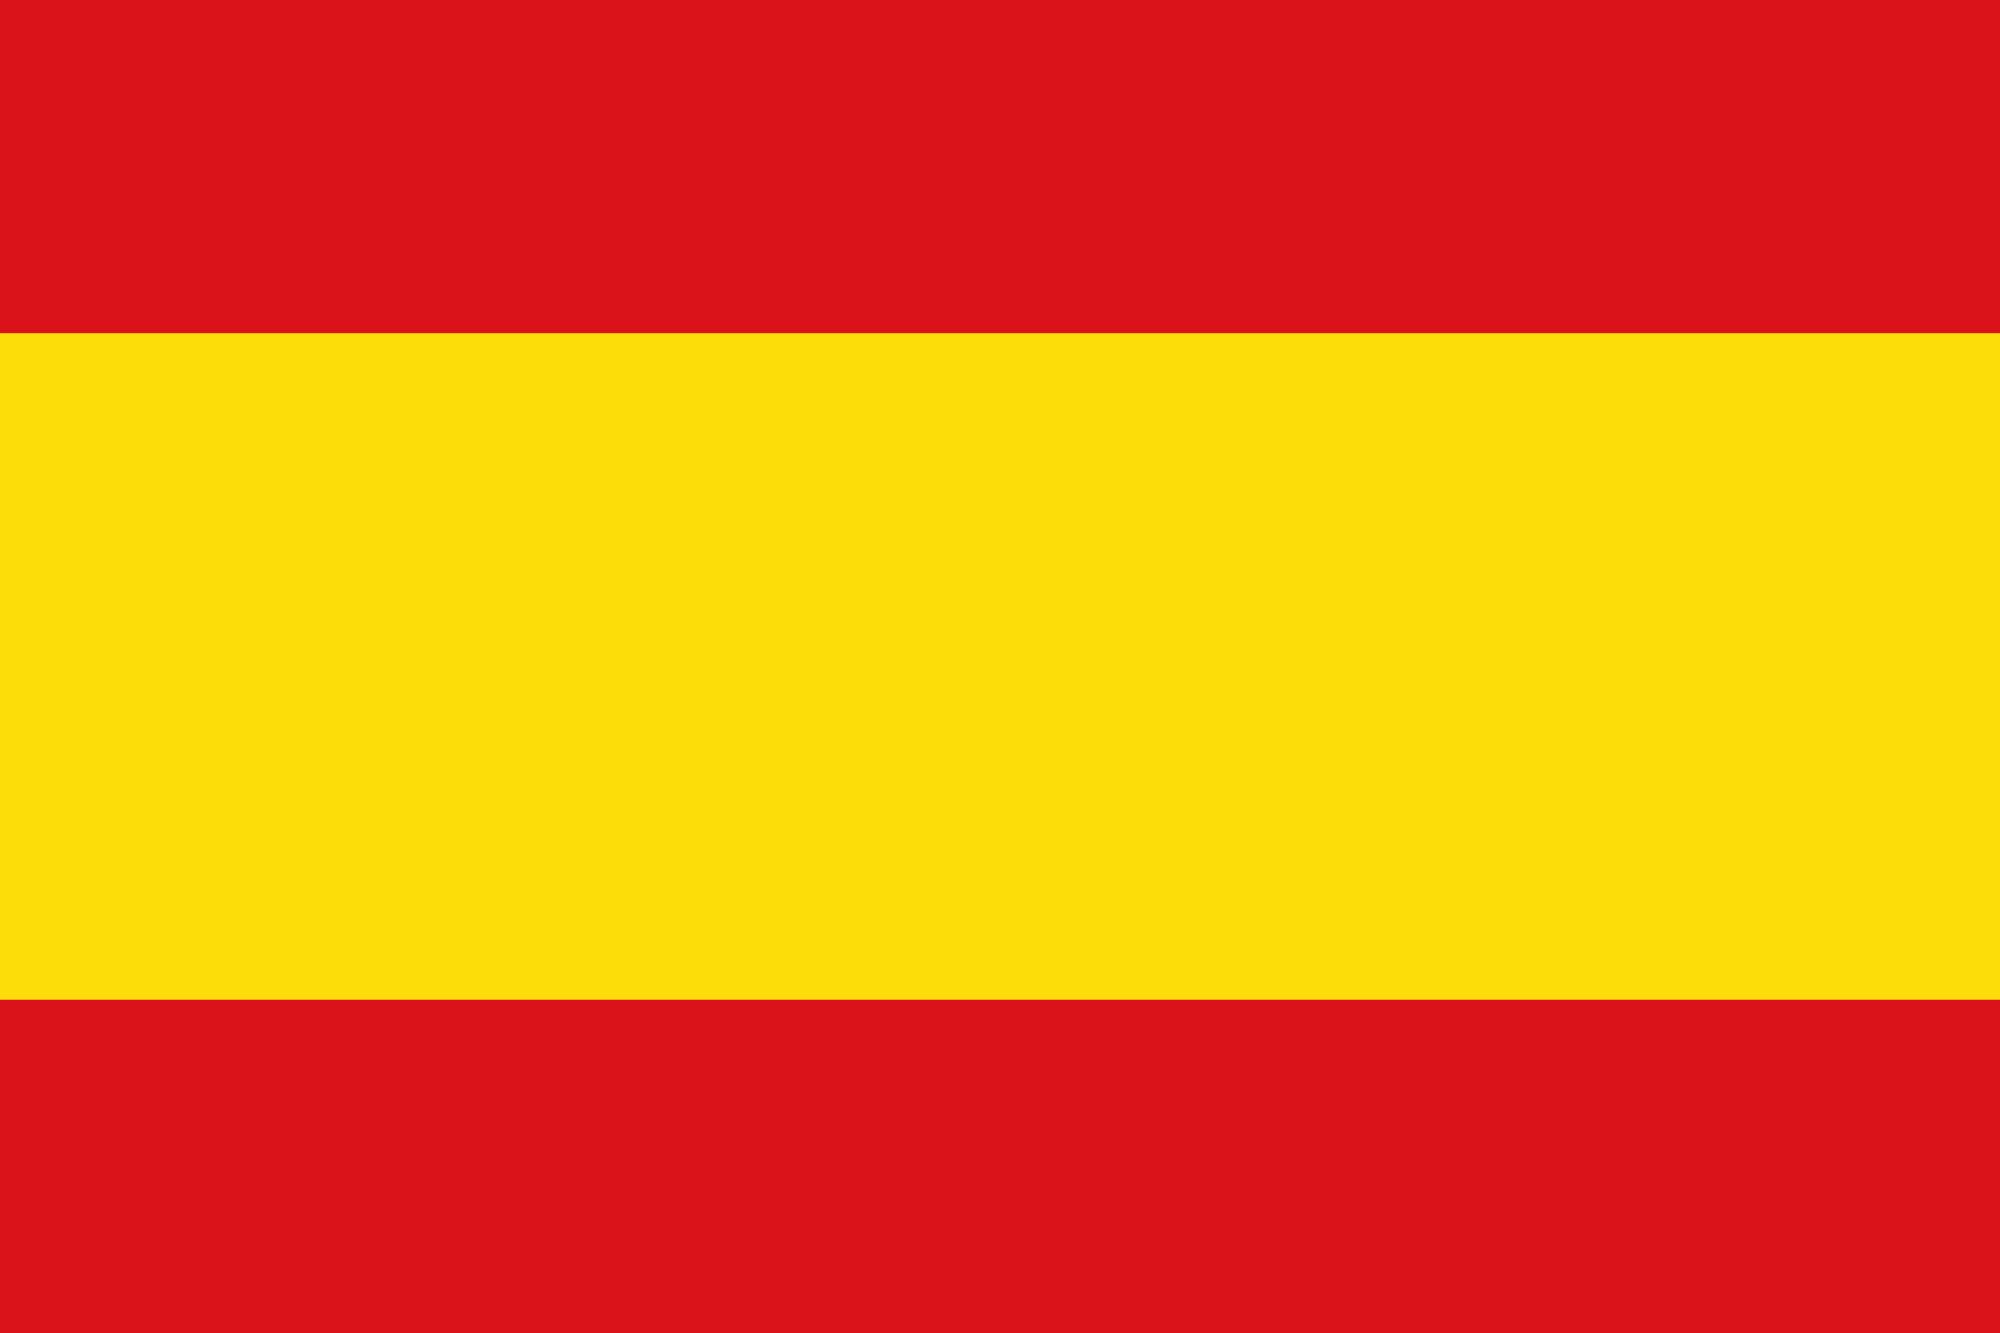 флаг Испании PNG